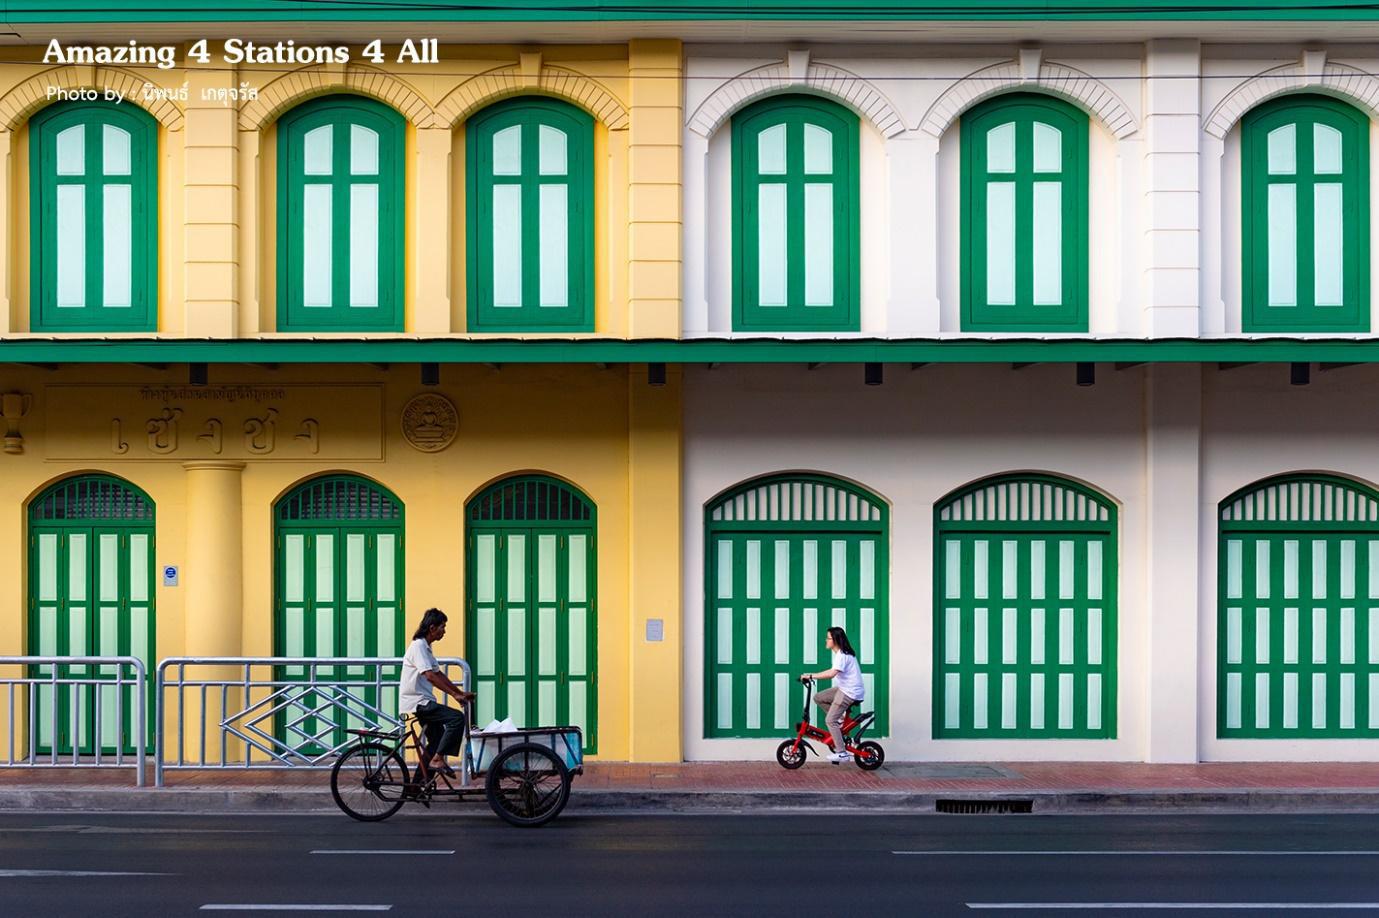 Chờ ngày hết dịch, mình hẹn gặp nhau tại 5 ga tàu đi khắp Bangkok này bạn nhé! - Ảnh 8.